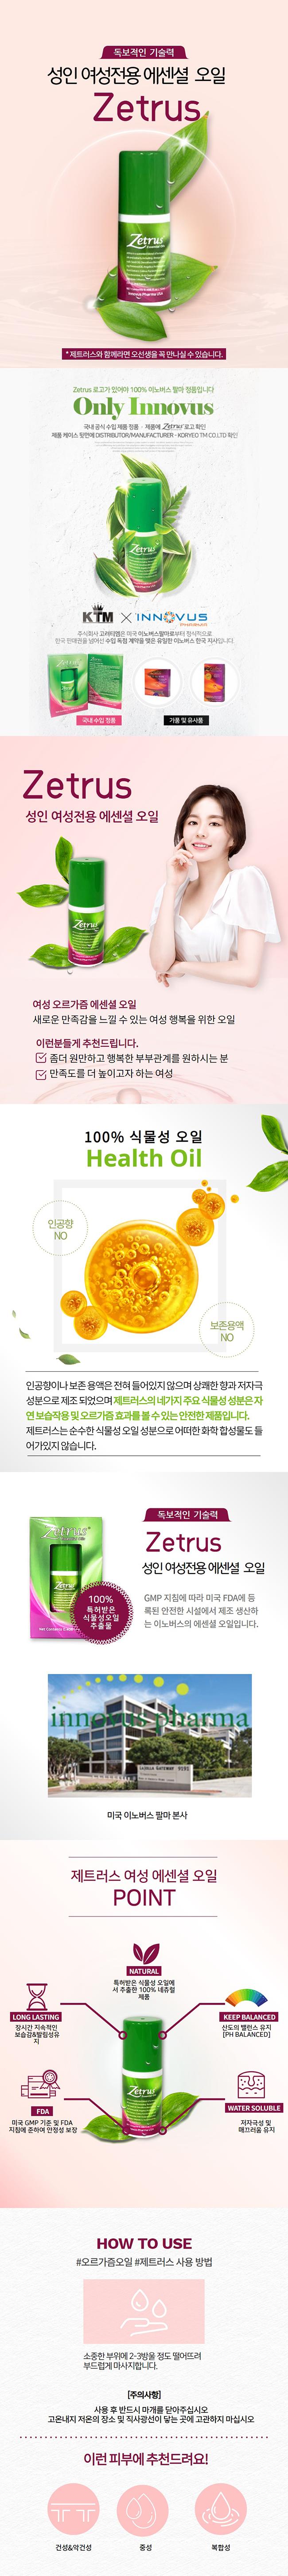 [여성 전용 오일] 제트러스 에센셜 오일 12ml(Zetrus Essential Oil 12ml)